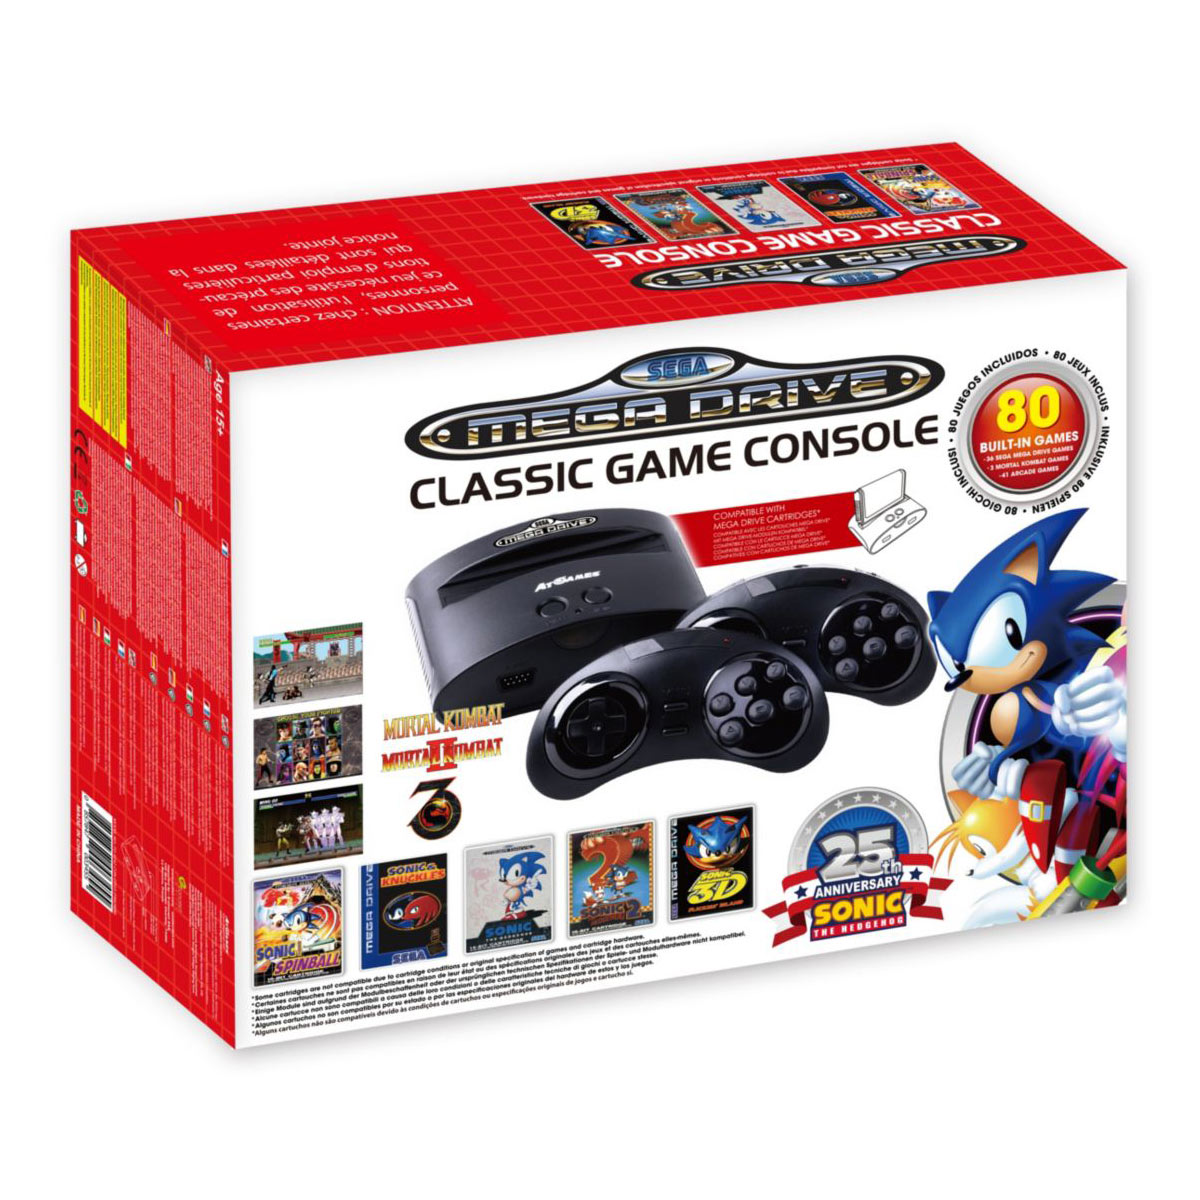 Petites consoles SEGA Megadrive Classic Game Console Console de salon SEGA Megadrive + 2 manettes sans fil + 80 jeux